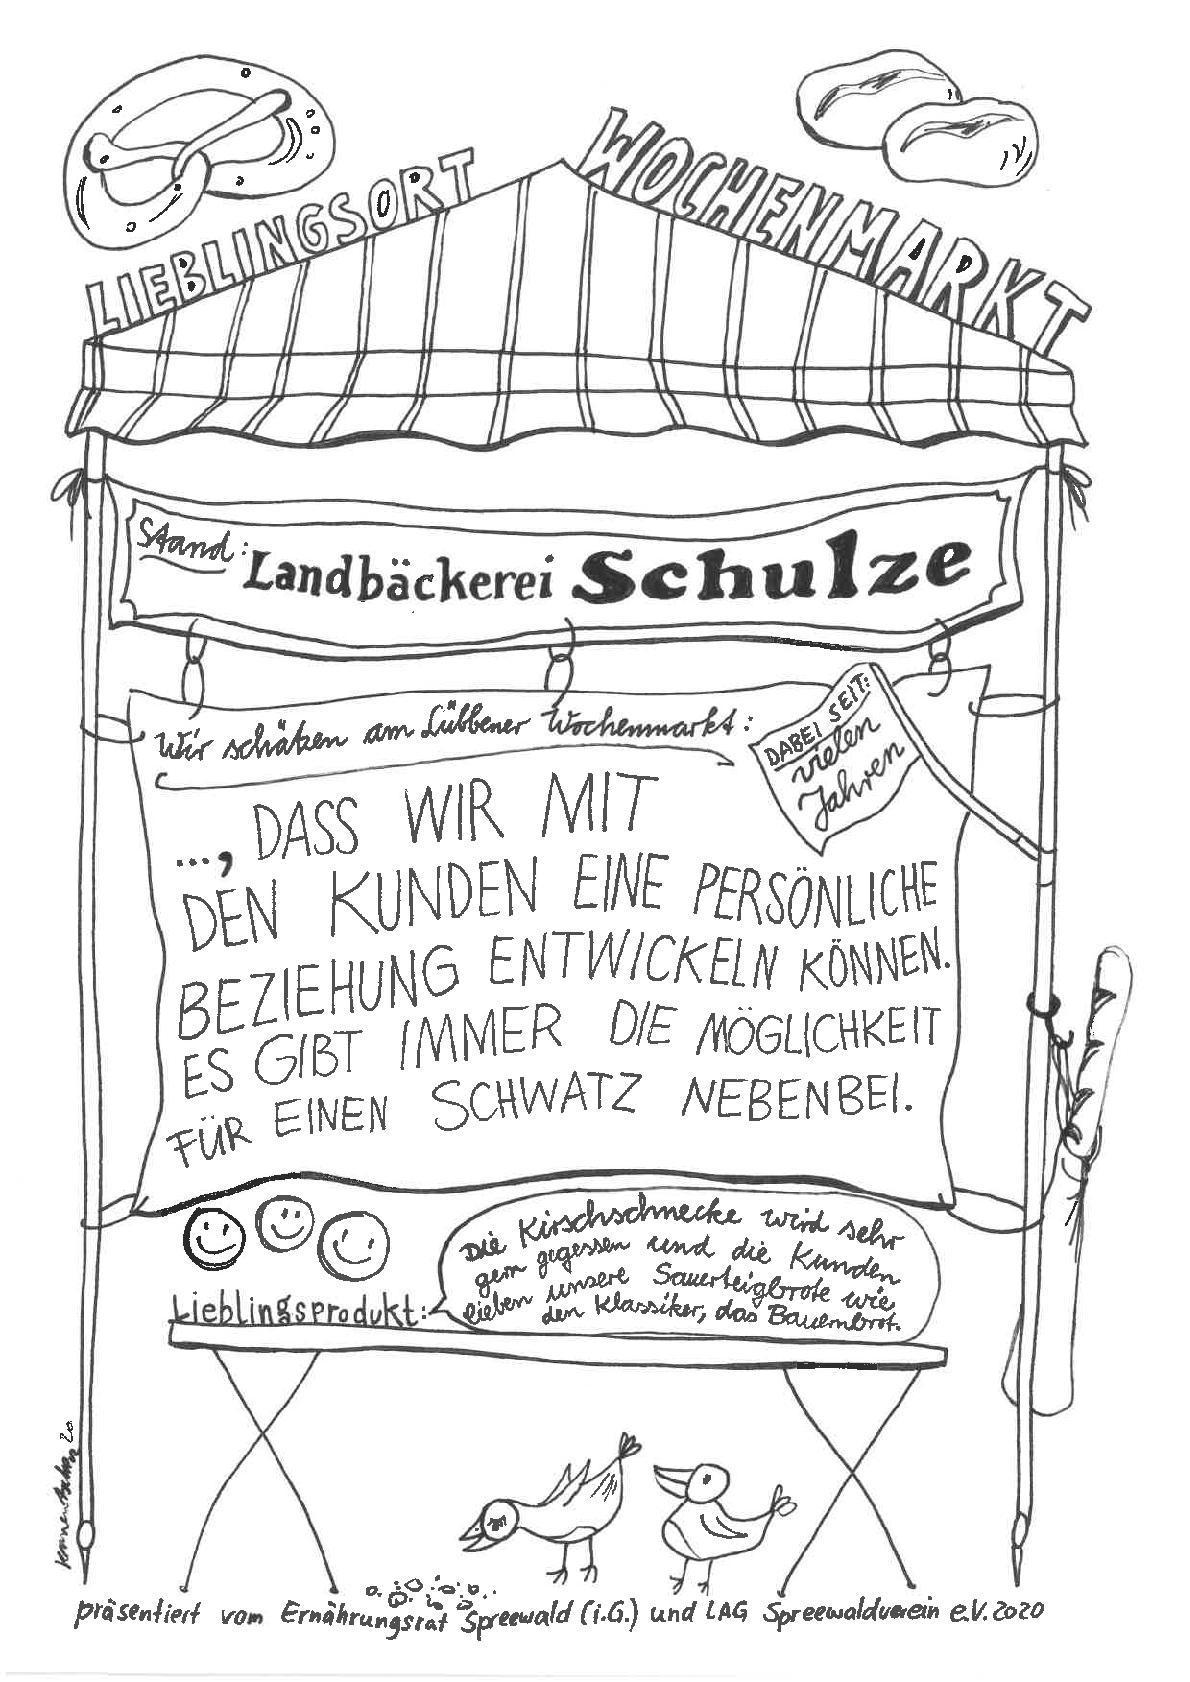 Landbäckerei Schulze